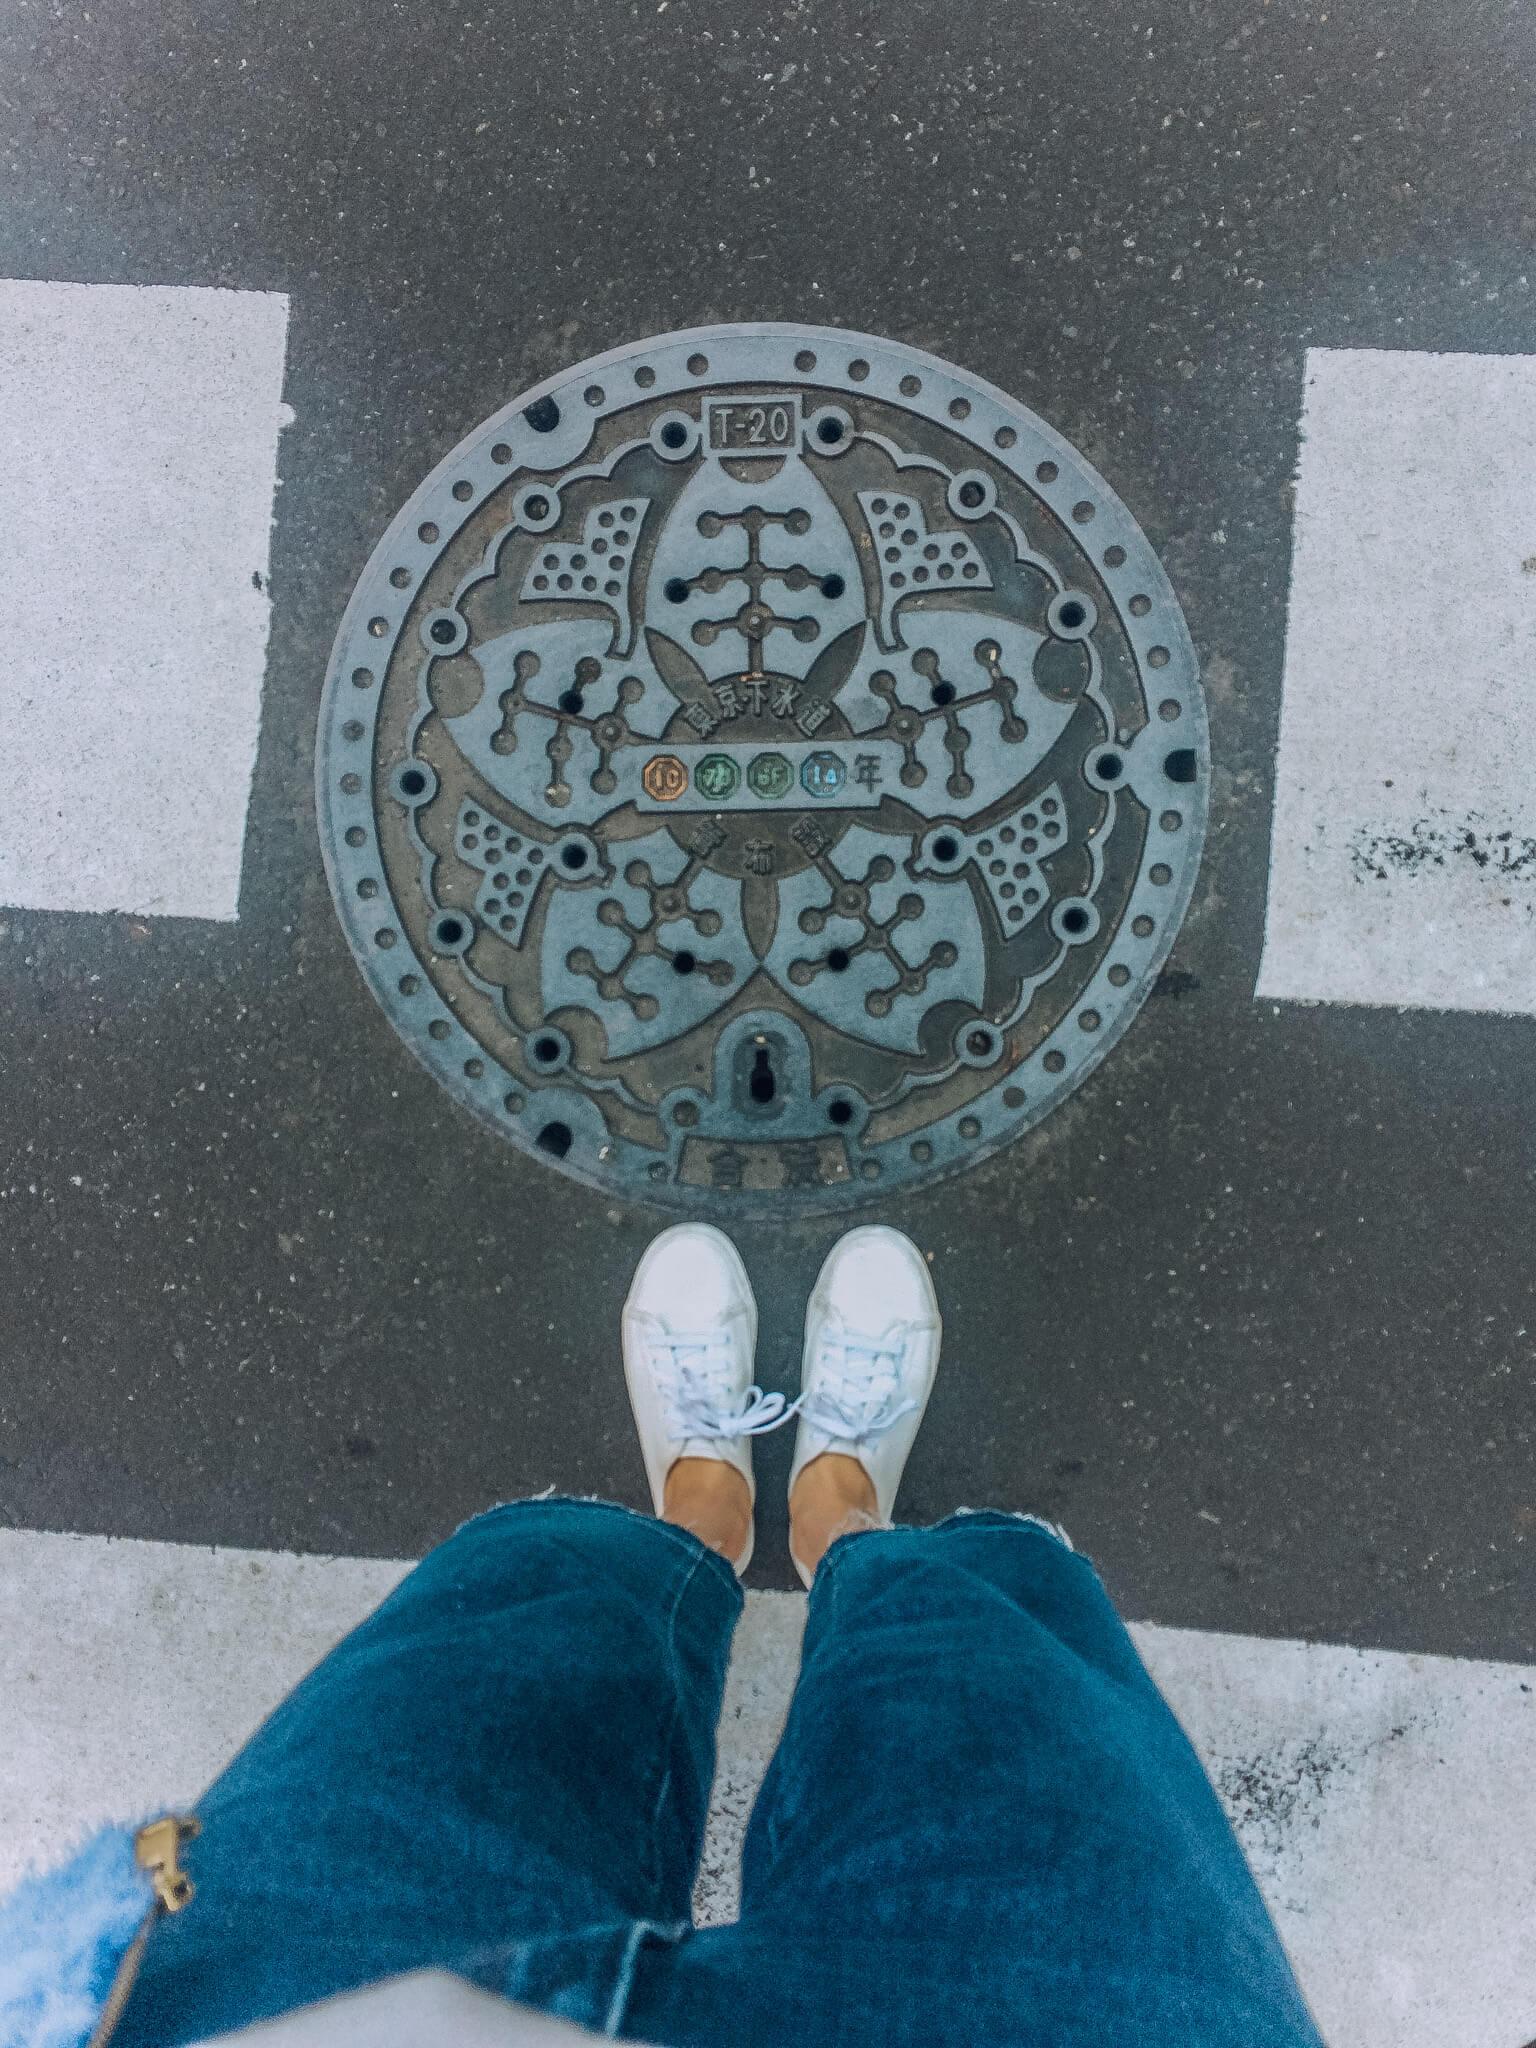 sakura-manhole-design.jpg